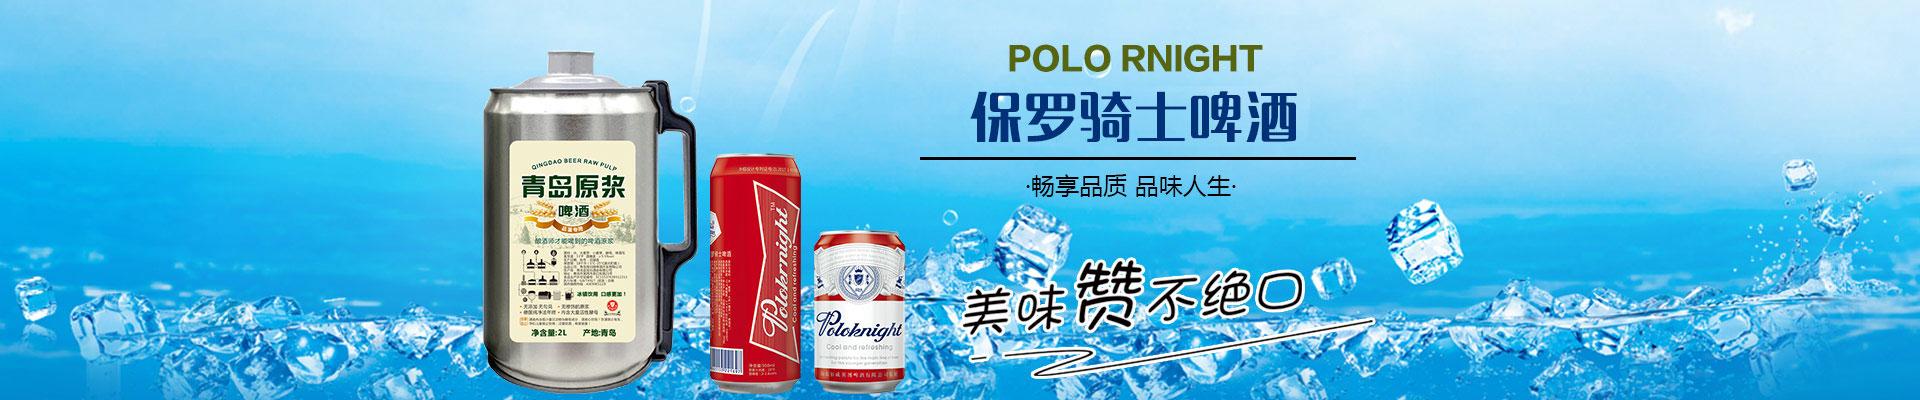 济南佰威英博啤酒有限公司